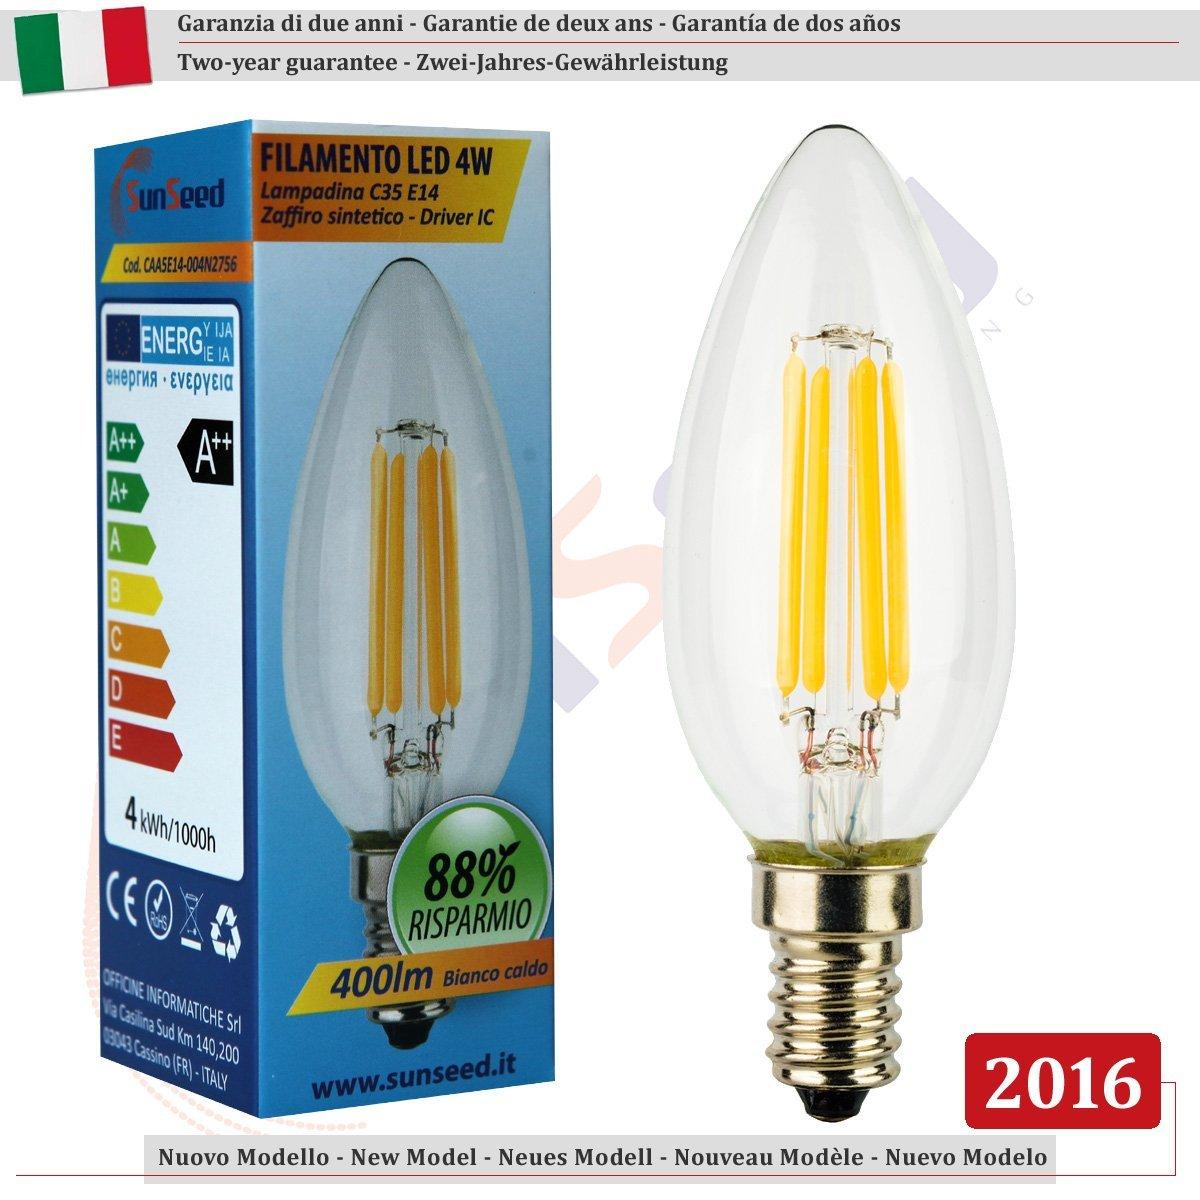 CODICE CAA5E14-004N2756 LAMPADA LED SUSEED FILAMENTOLED 4W LAMPADINA C35 E14 SAFFIRO SINTETICO - DRIVER IC